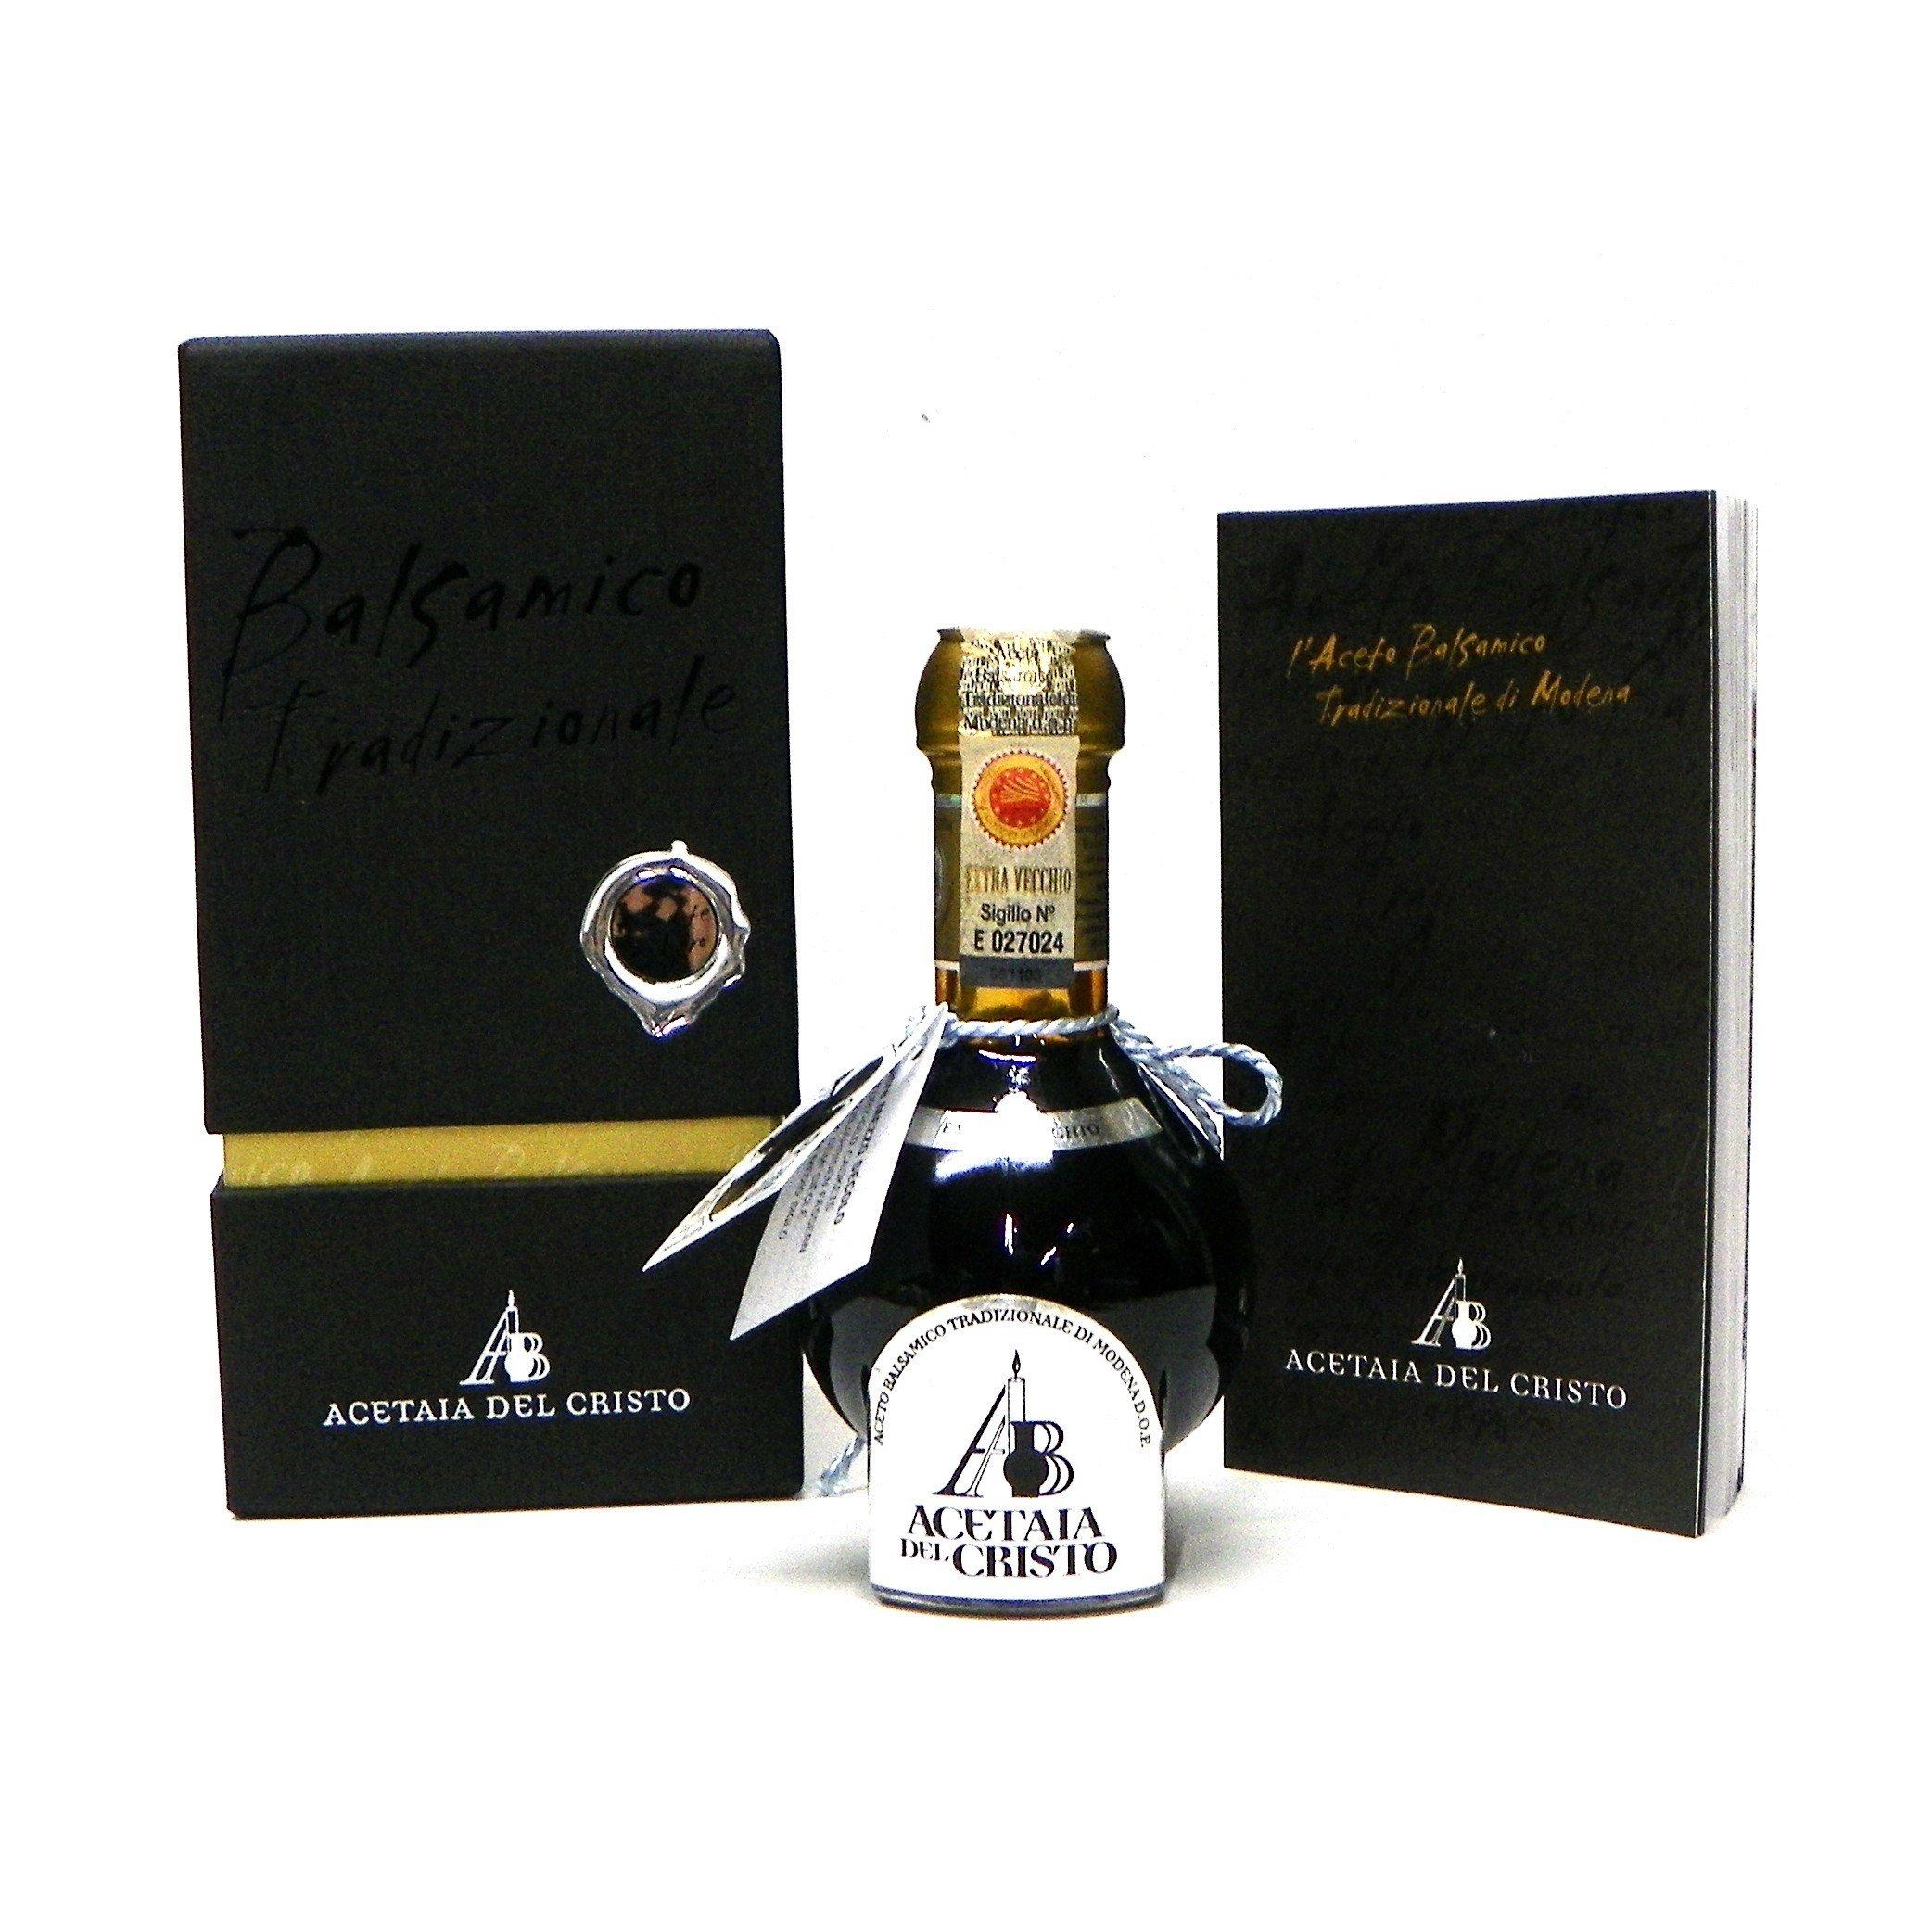 Acetaia Del Cristo ''Diamante Nero'' Aged 30 Years Traditional Balsamic Vinegar of Modena DOP, 100 ml